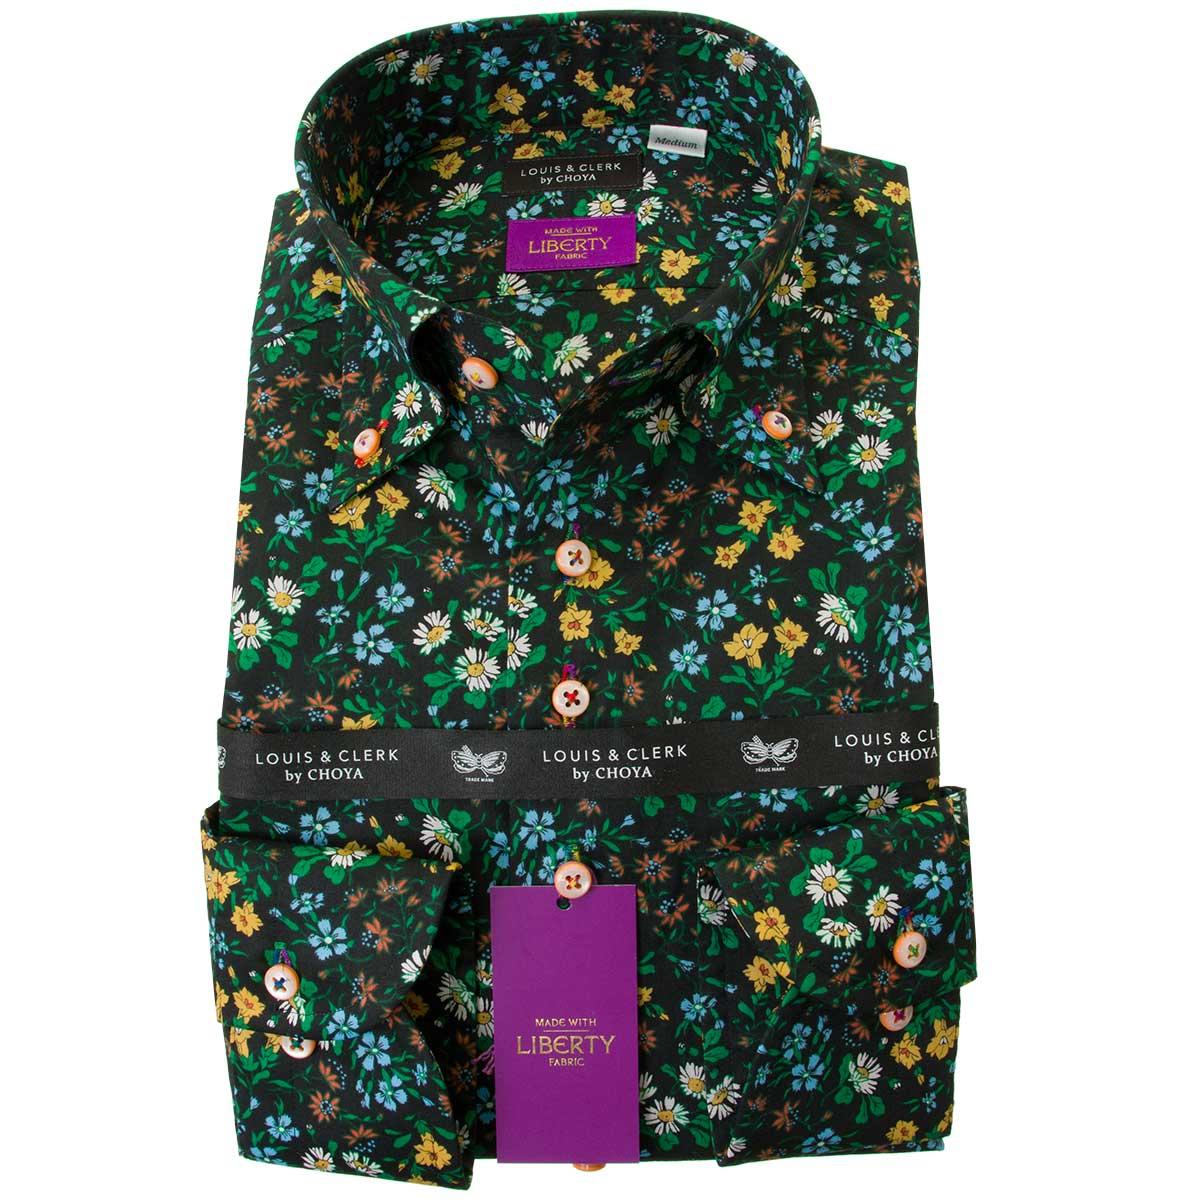 Mサイズ Lサイズ 黄色と緑が黒地に栄える ドレスシャツ ワイシャツ シャツ メンズ リバティプリント 国産 綿100% 数量限定 マリア ボタンダウン タナローン 2109_rld Seasonal Wrap入荷 コンフォート 2001 OUTLETS 長袖